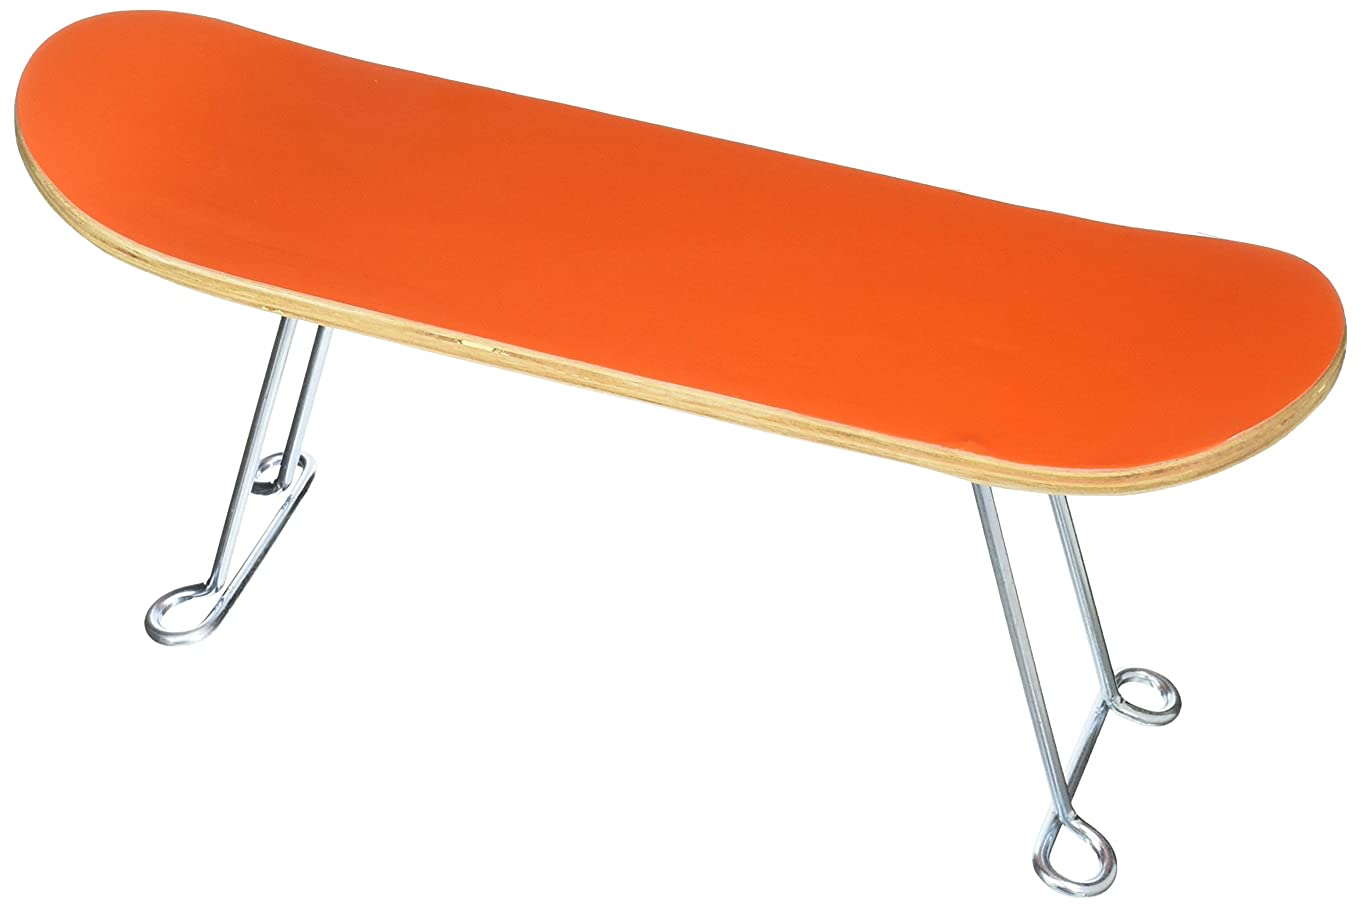 日帰り旅行に十分願うJRS(ジェイアールエス) ミニ スケートボードテーブル Orange